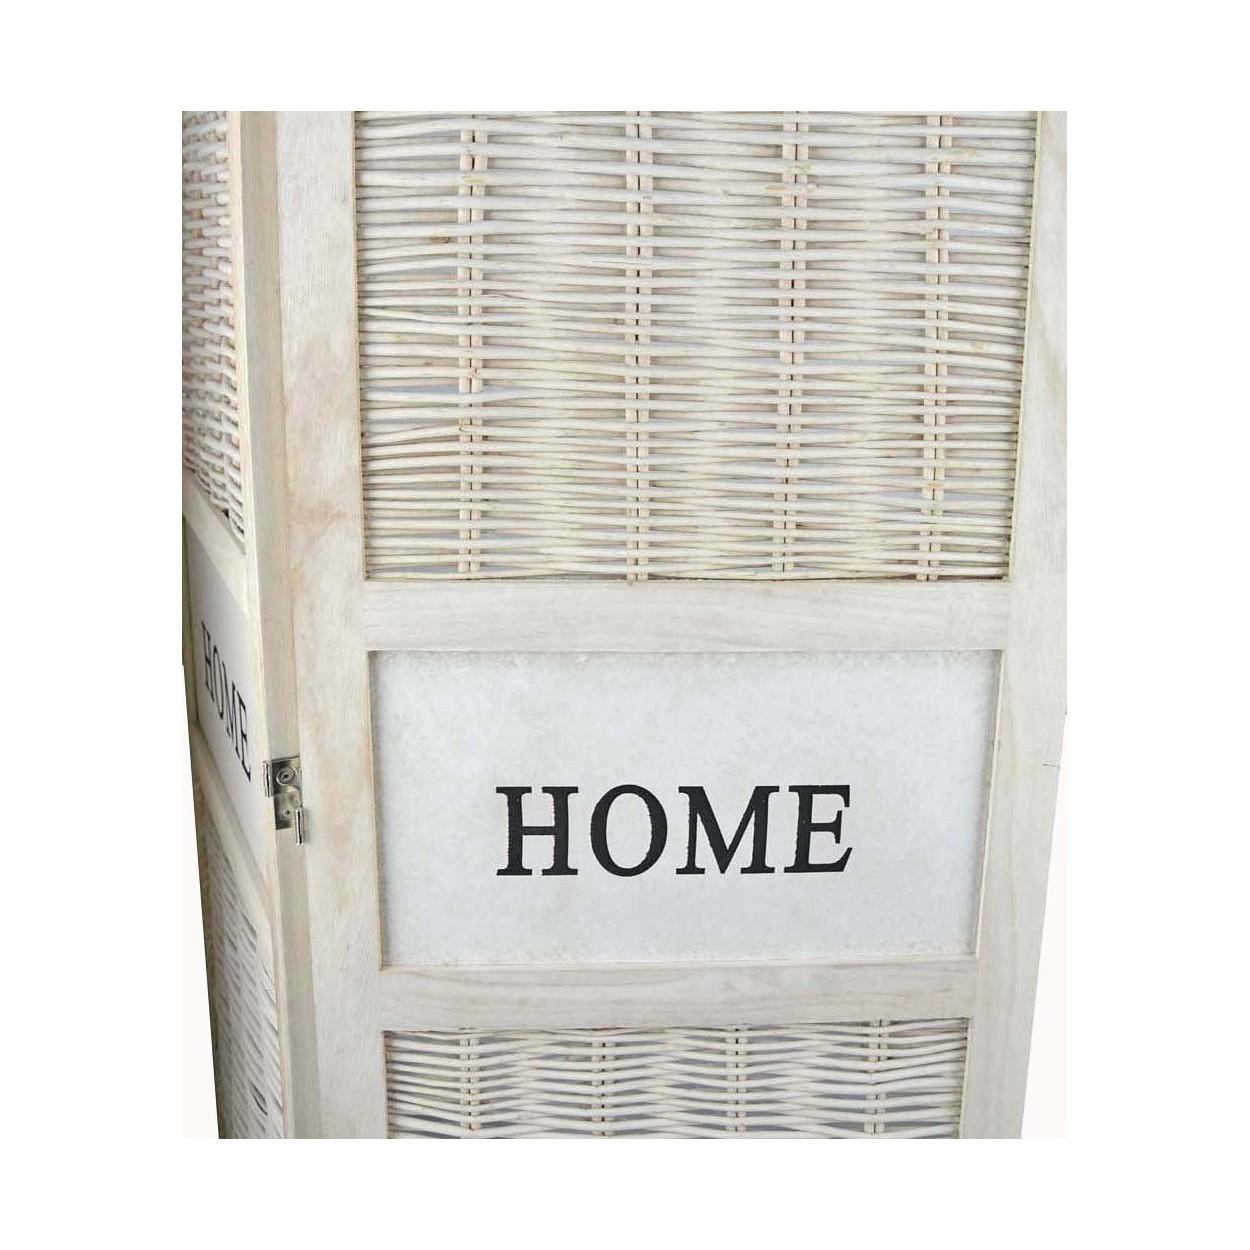 Biombo blanco de madera natural y mimbre terminaci n en decape blanco 170x135x2 cm hogar y m s - Biombos de mimbre ...